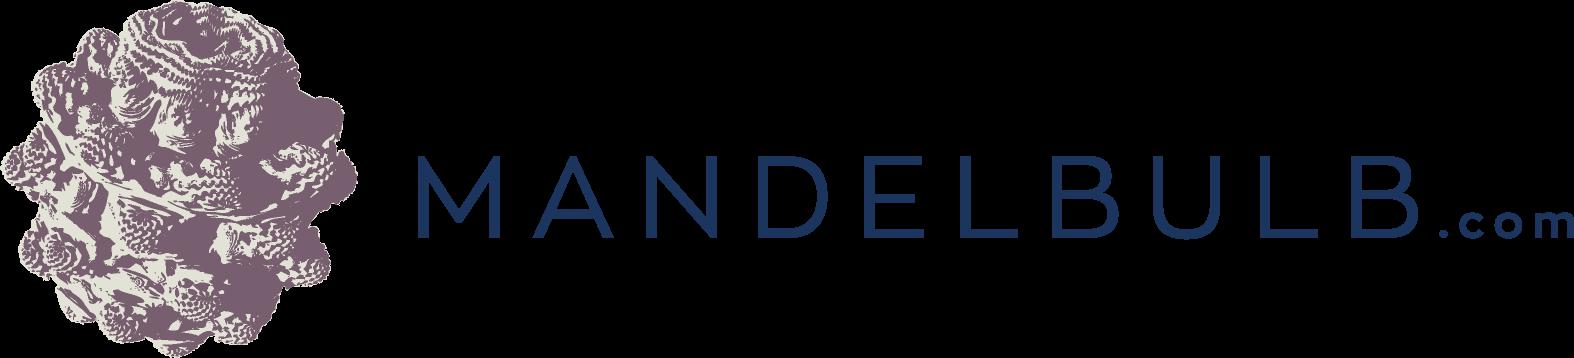 Mandelbulb.com Logo